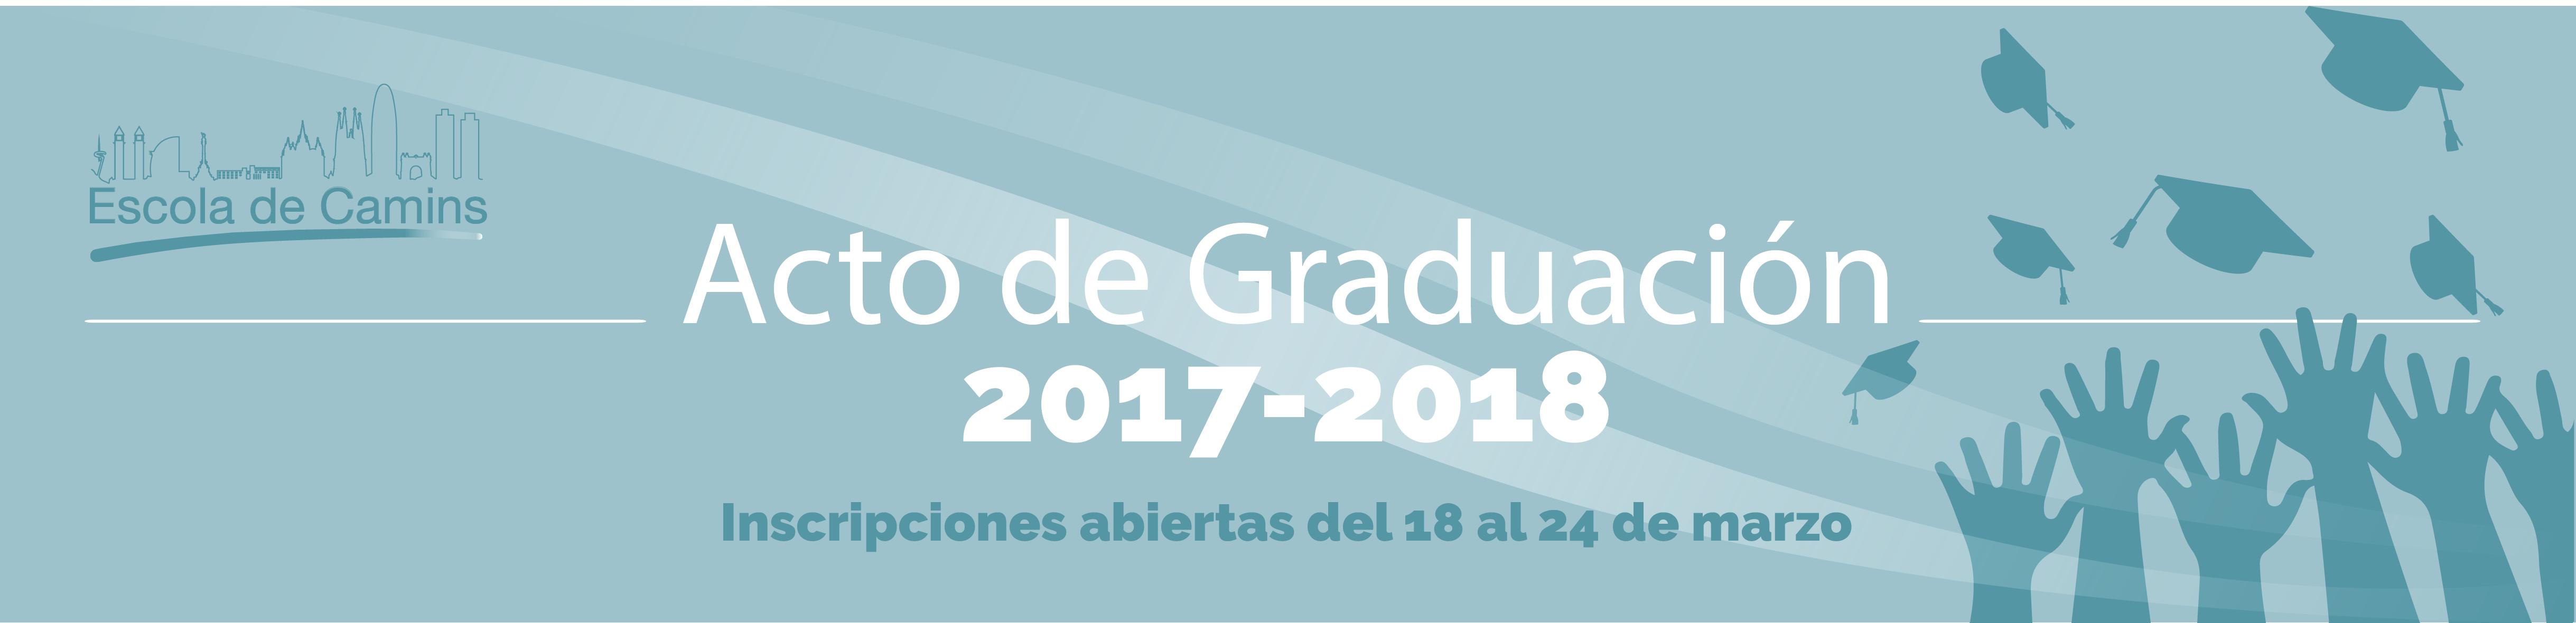 Grad17-18 pral web-es.png